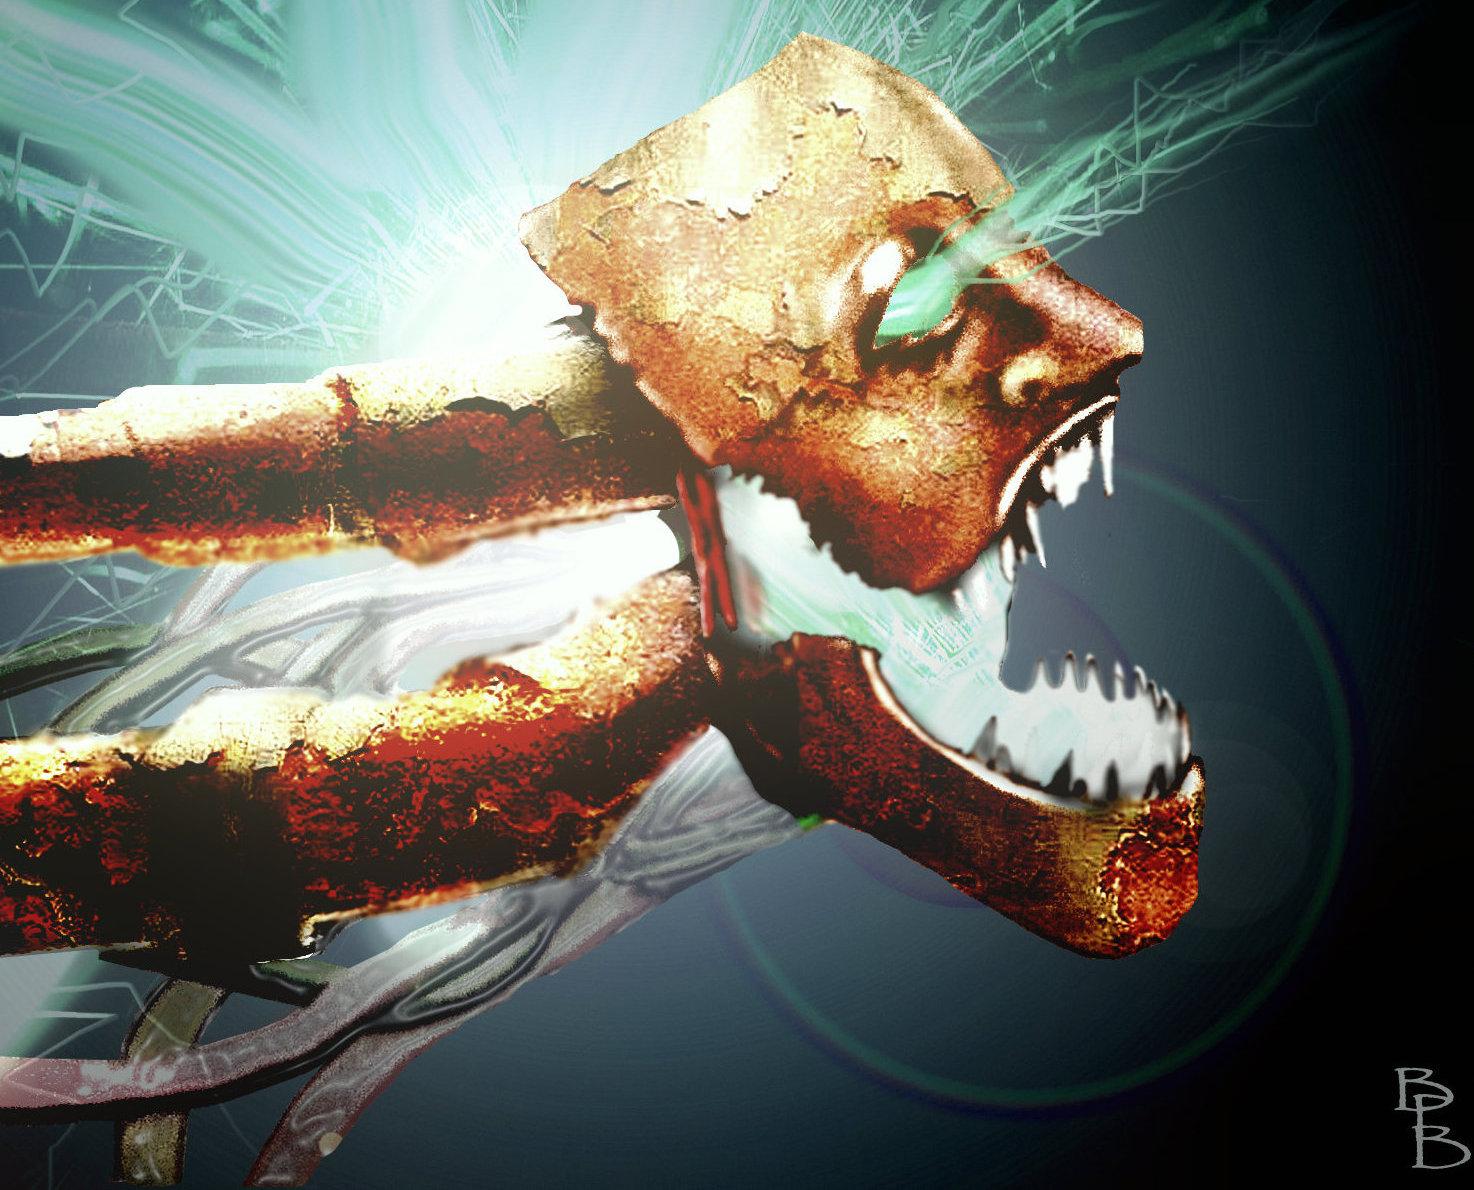 wired II(corrosive)